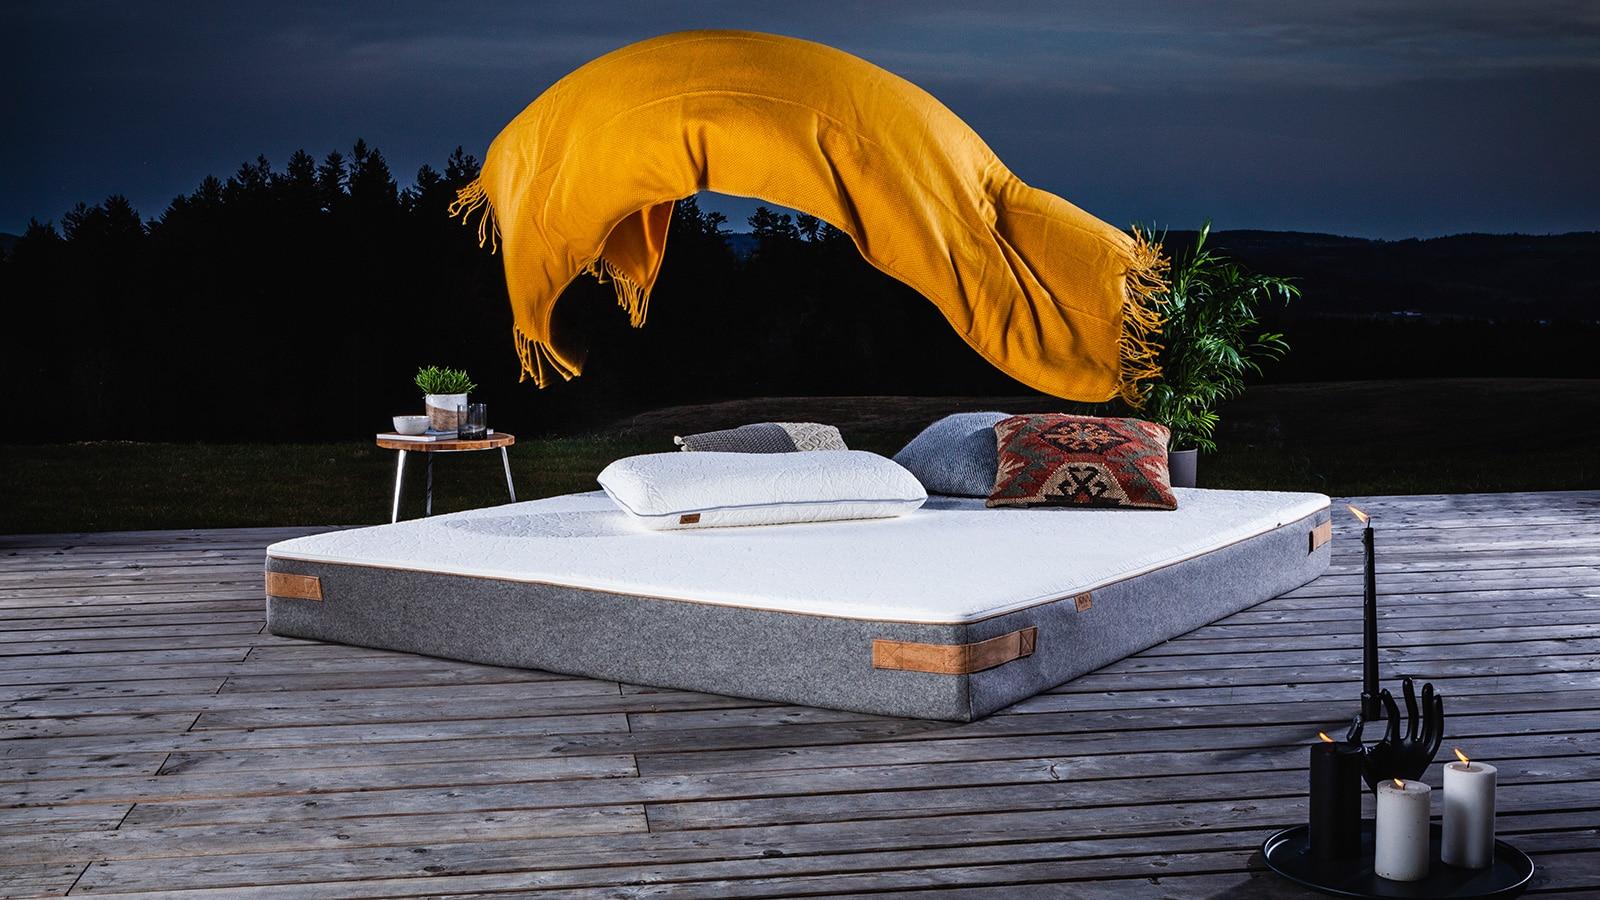 Jona Sleep Matraze - Latex Matratze für das Schlafzimmer, passend zum Loft